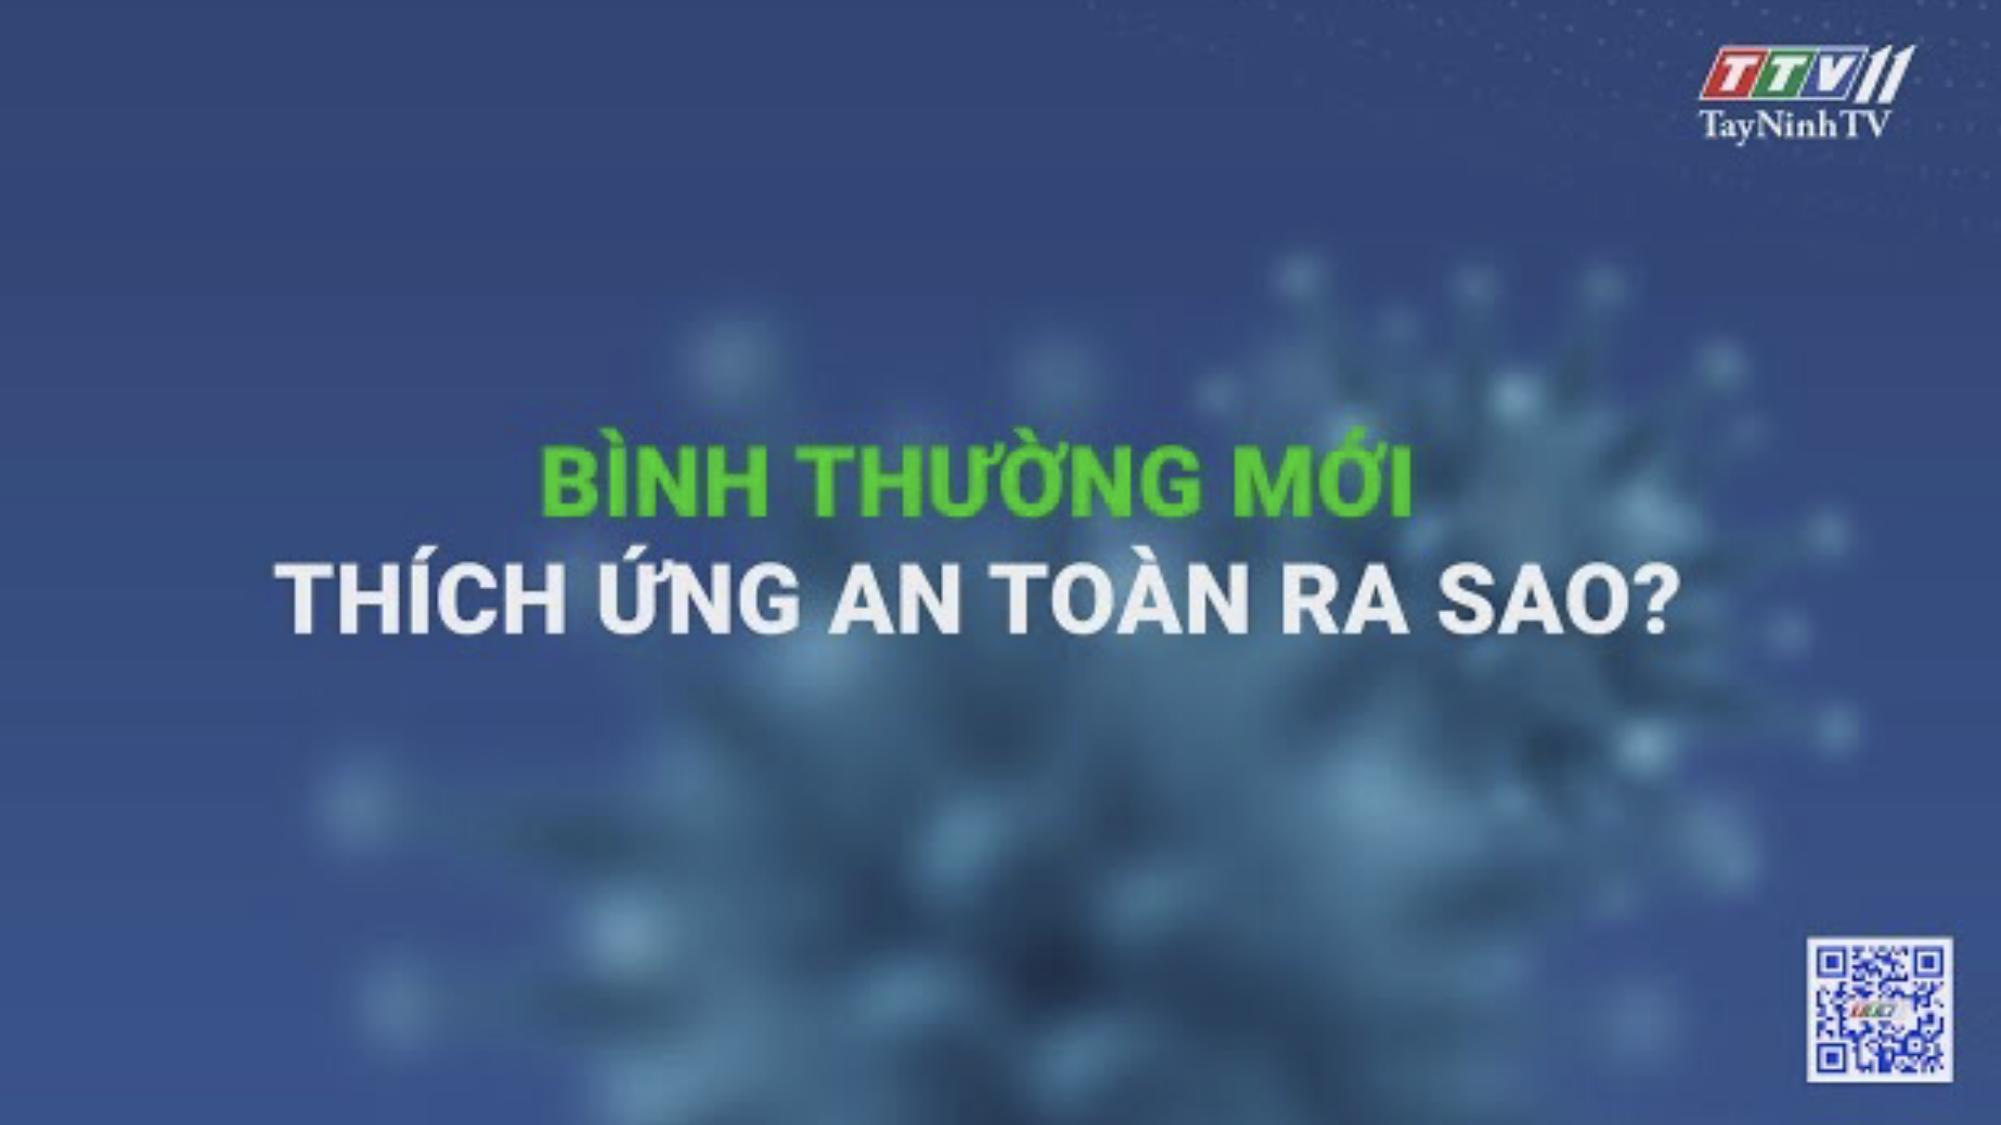 BÌNH THƯỜNG MỚI THÍCH ỨNG AN TOÀN RA SAO? | Những vấn đề hôm nay | TayNinhTV